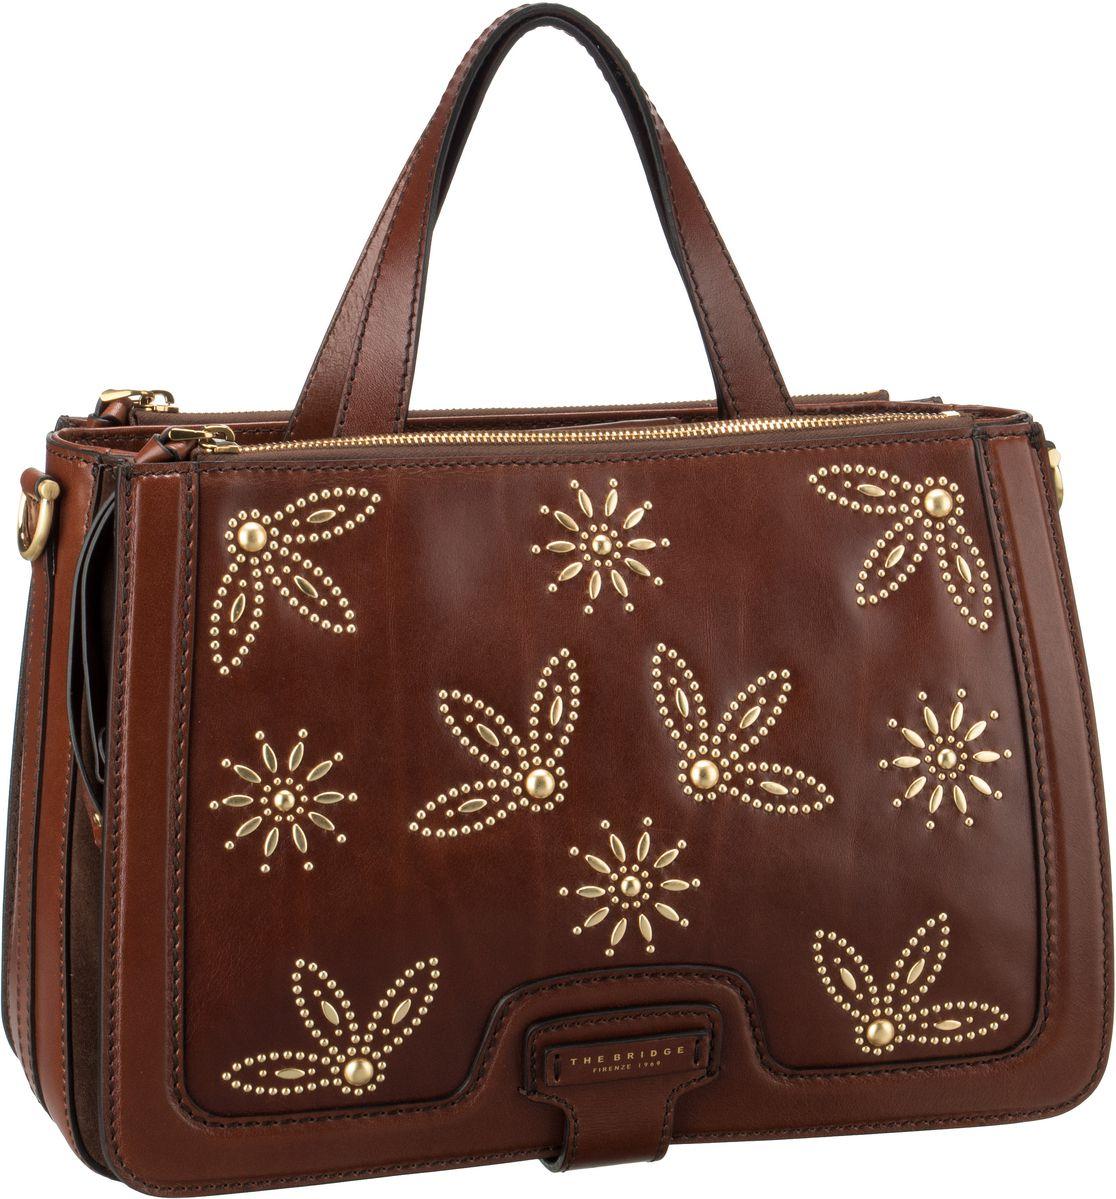 Handtasche Giglio Handtasche 3029 Studs Marrone